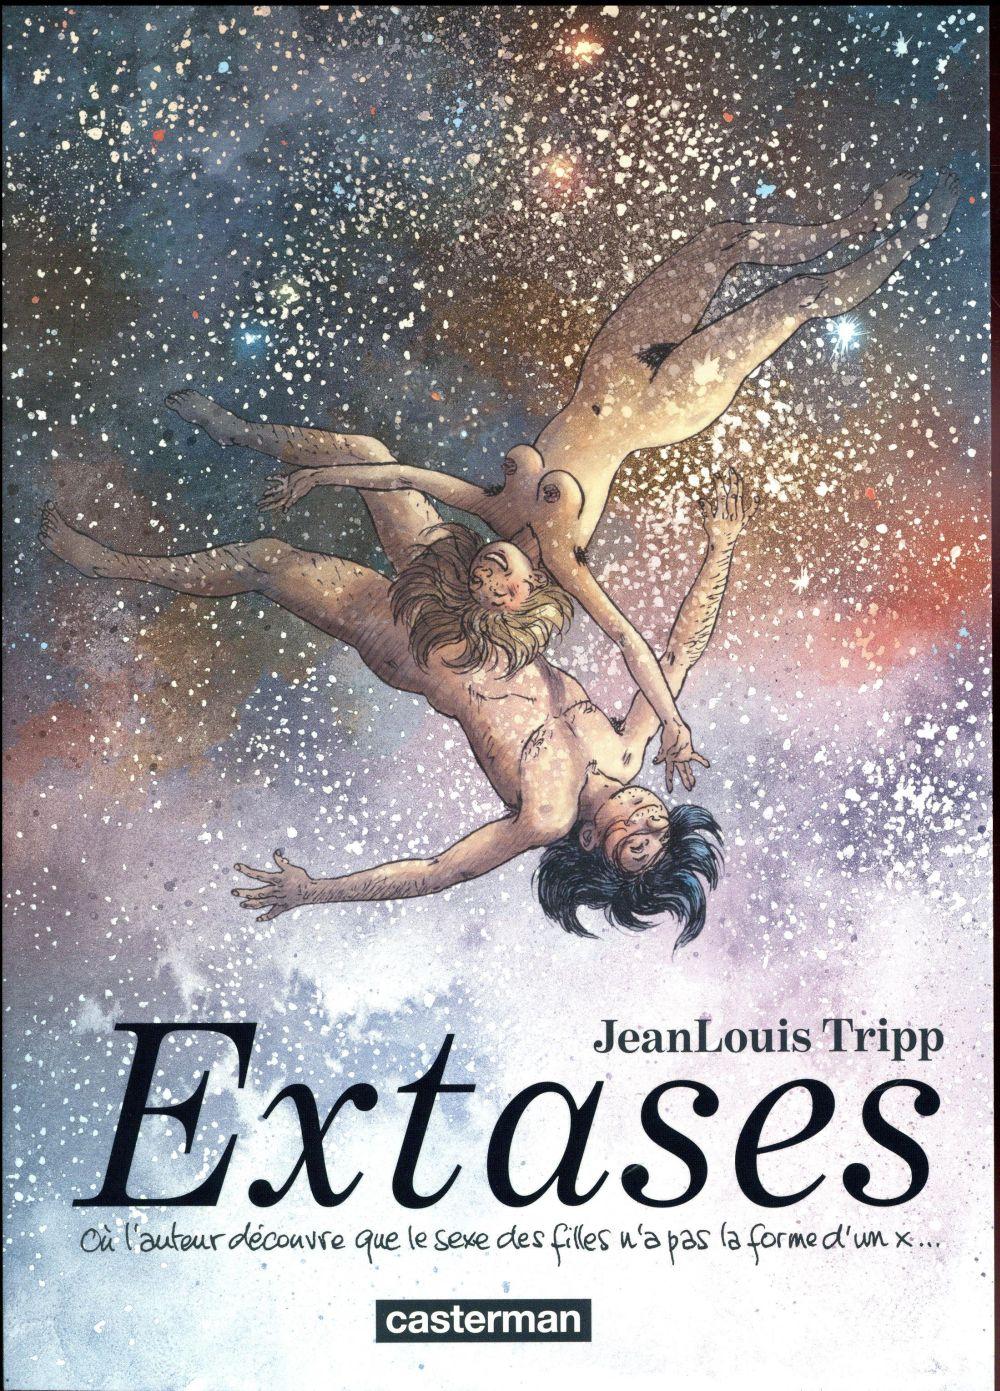 EXTASES  -  OU L'AUTEUR DECOUVRE QUE LE SEXE DES FILLES N'A PAS LA FORME D'UN X...